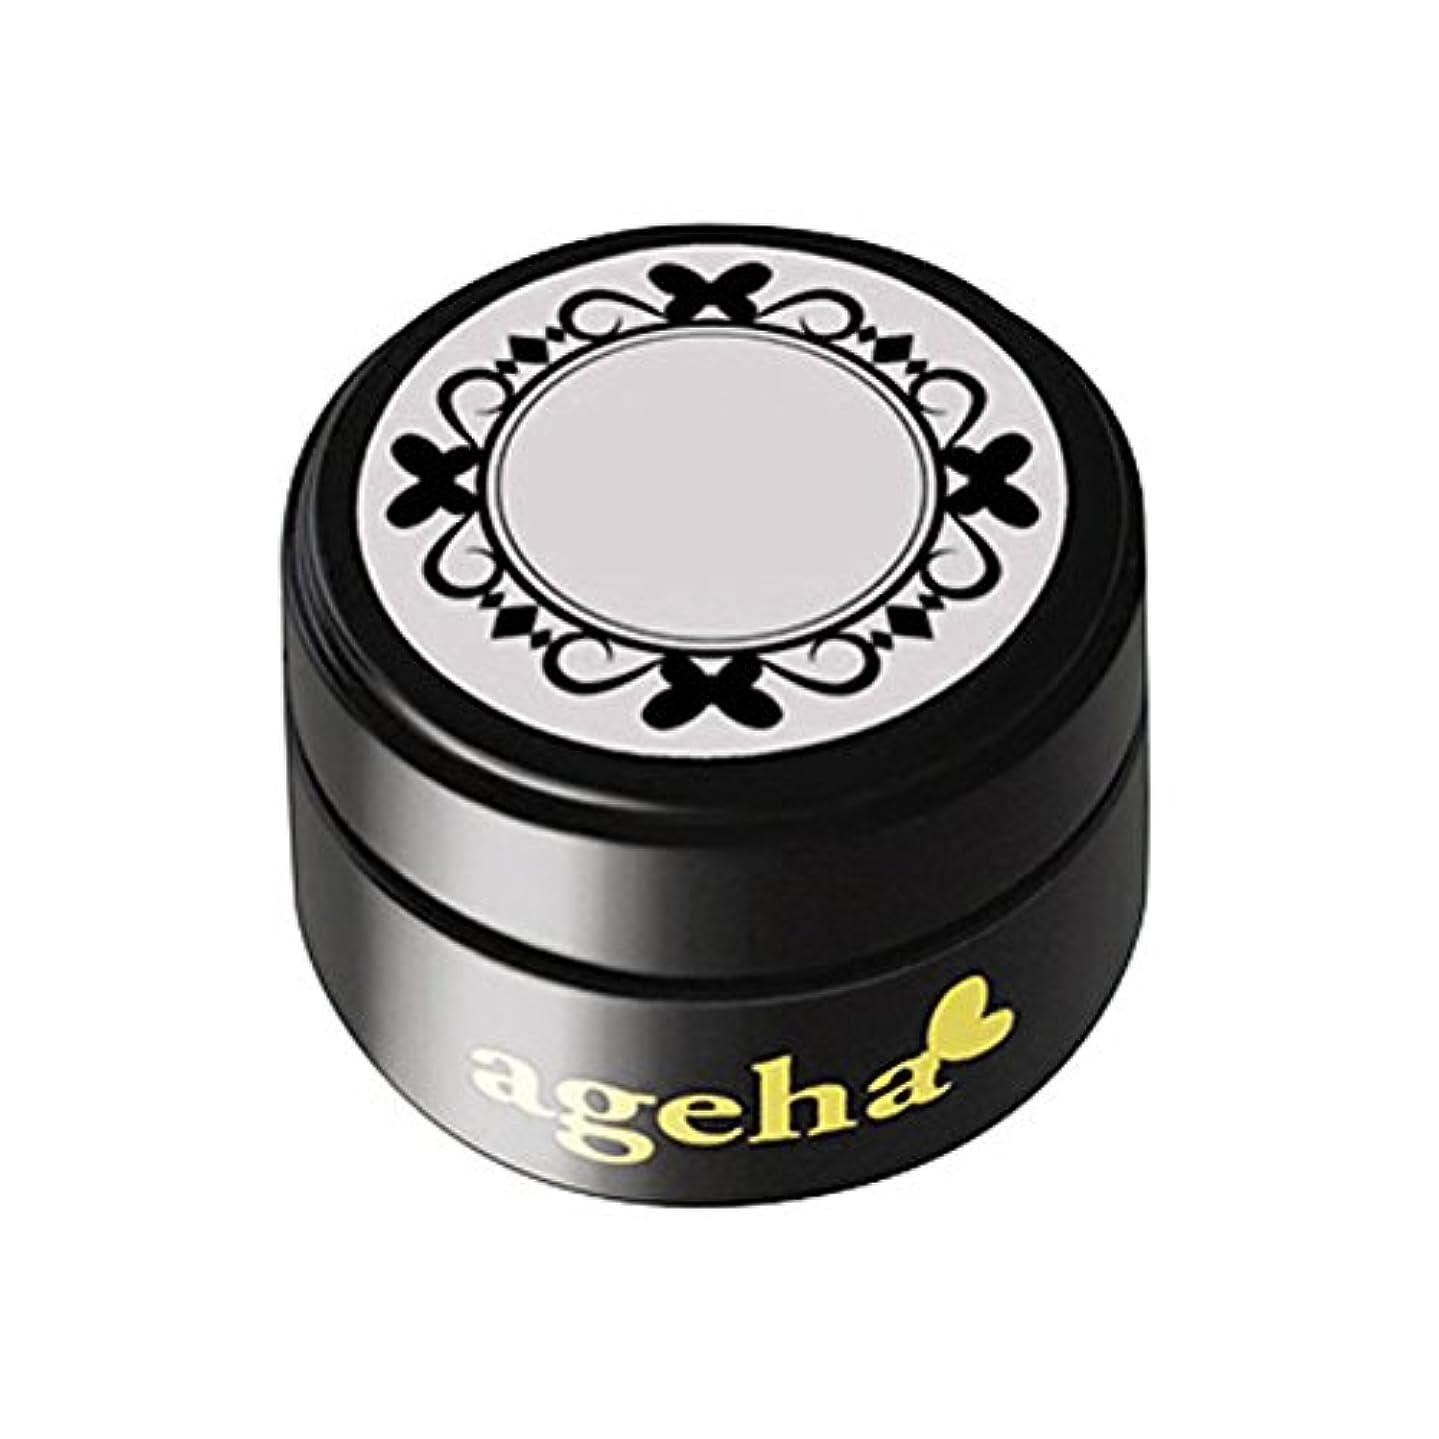 信頼性恩赦ジャンプするageha gel カラージェル コスメカラー 204 ビターチョコレート 2.7g UV/LED対応